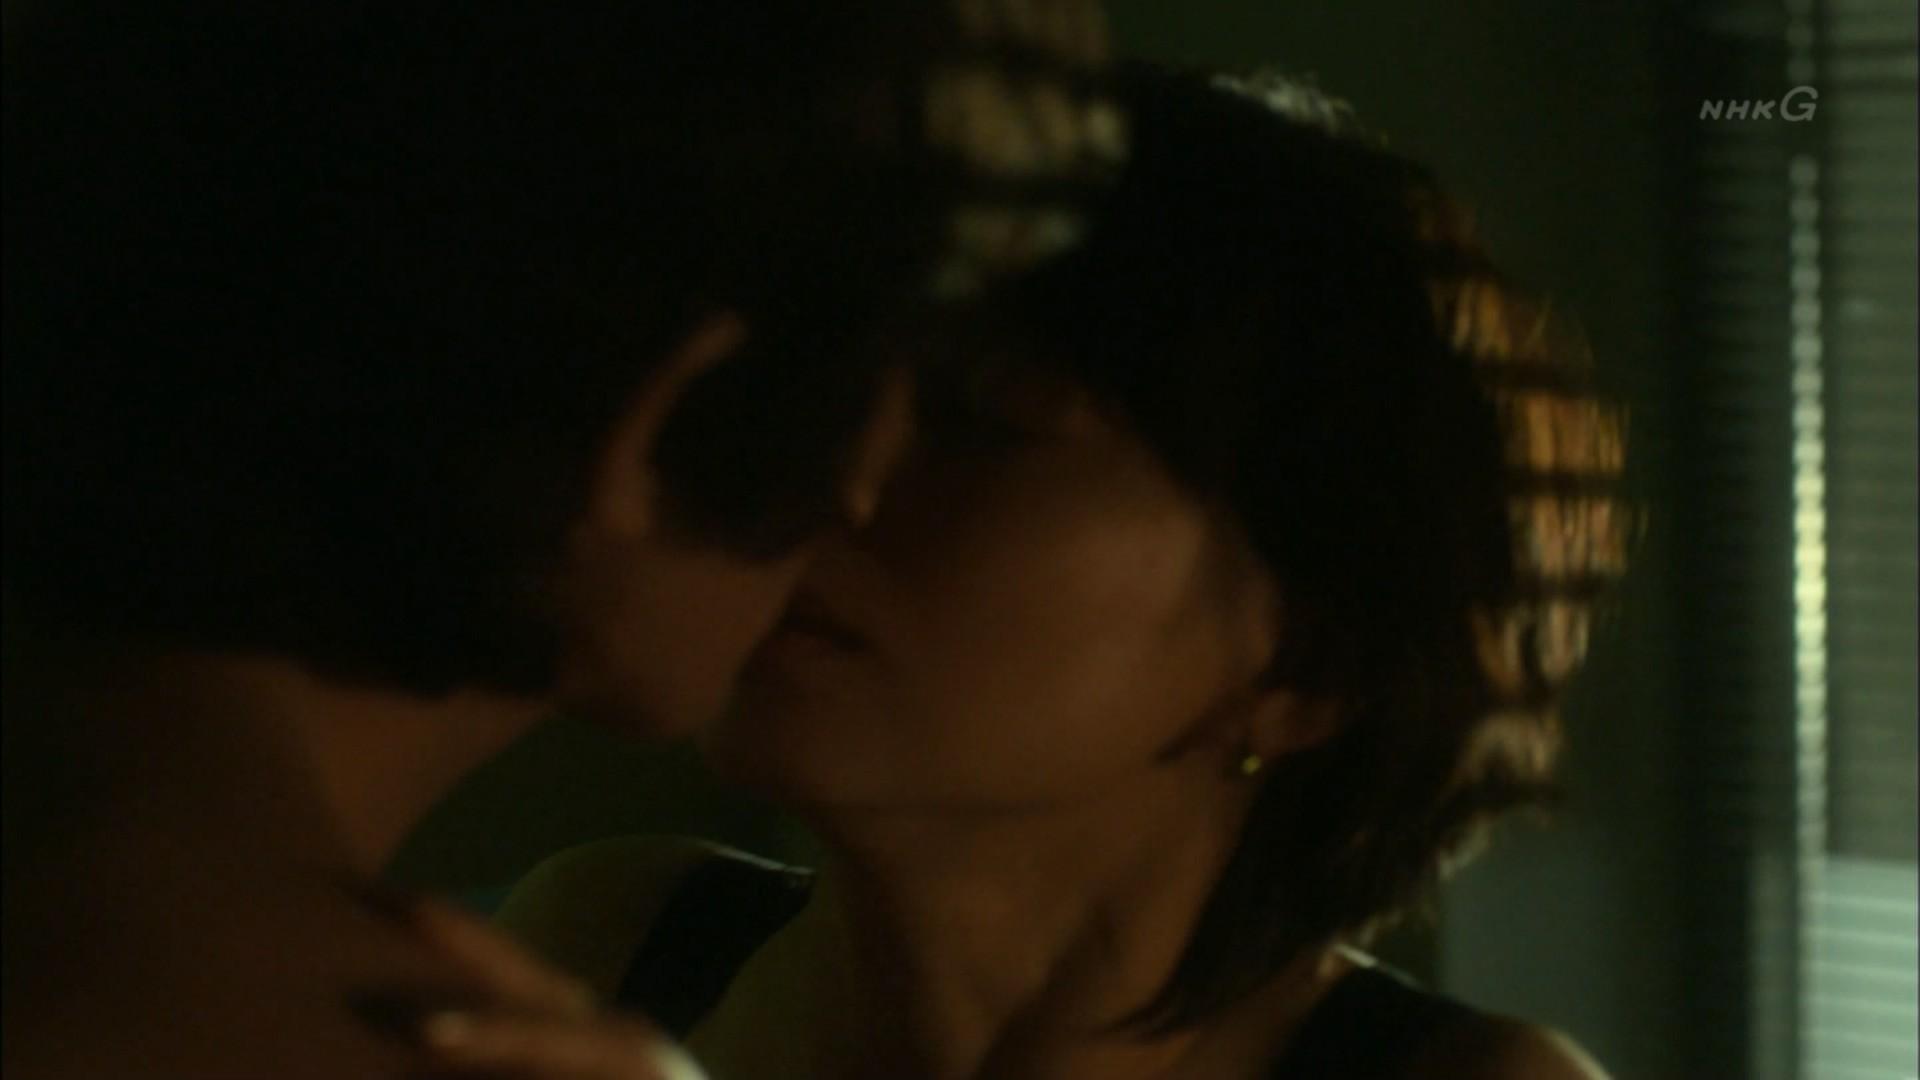 石田ゆり子 NHKのドラマで濃厚ラブシーンキャプ・エロ画像6